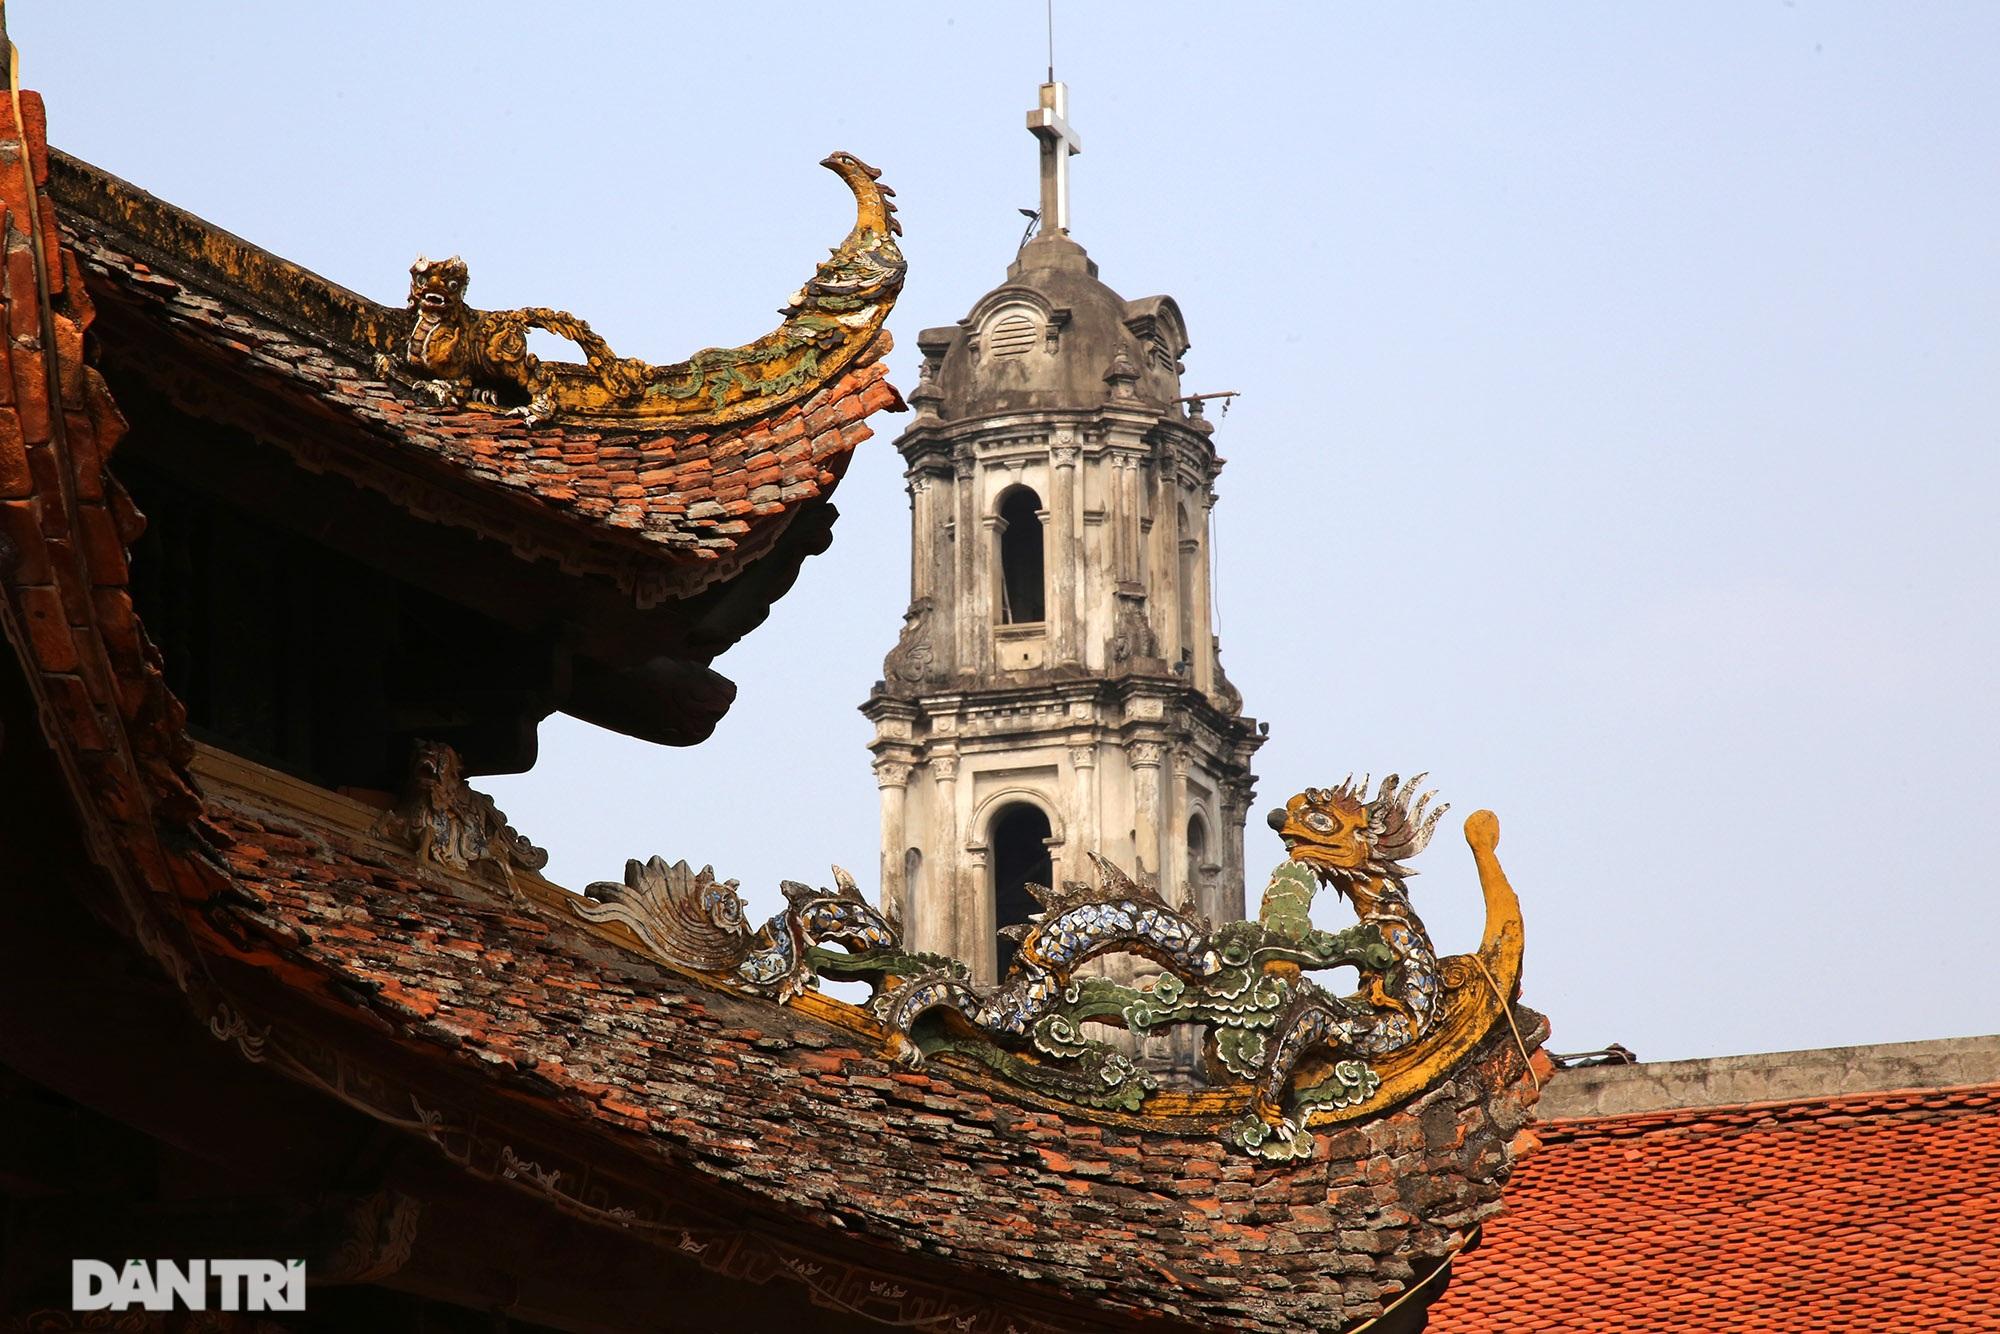 Nét hiện đại và xưa cũ trong không gian kiến trúc Hà Nội - 4